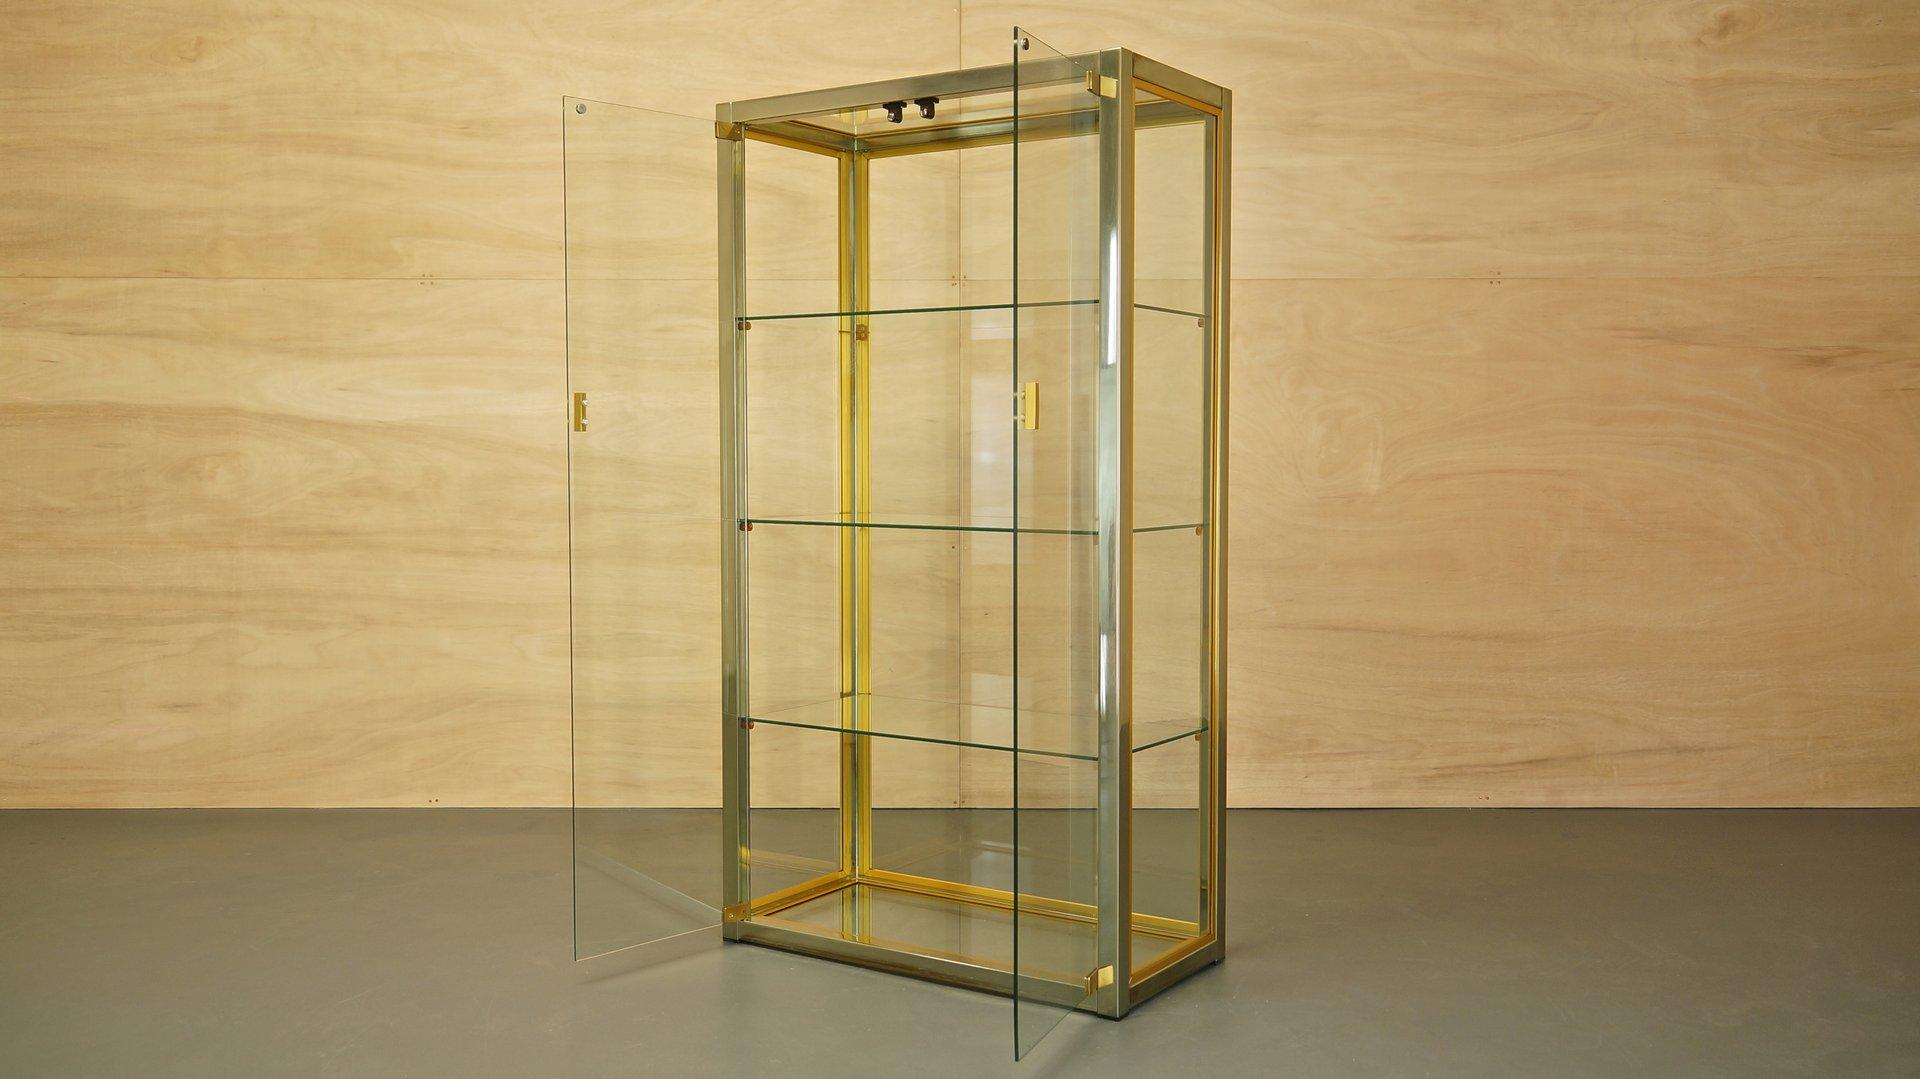 italienische vitrine aus glas messing und chrom von renato zevi f r zevi 1970er bei pamono kaufen. Black Bedroom Furniture Sets. Home Design Ideas